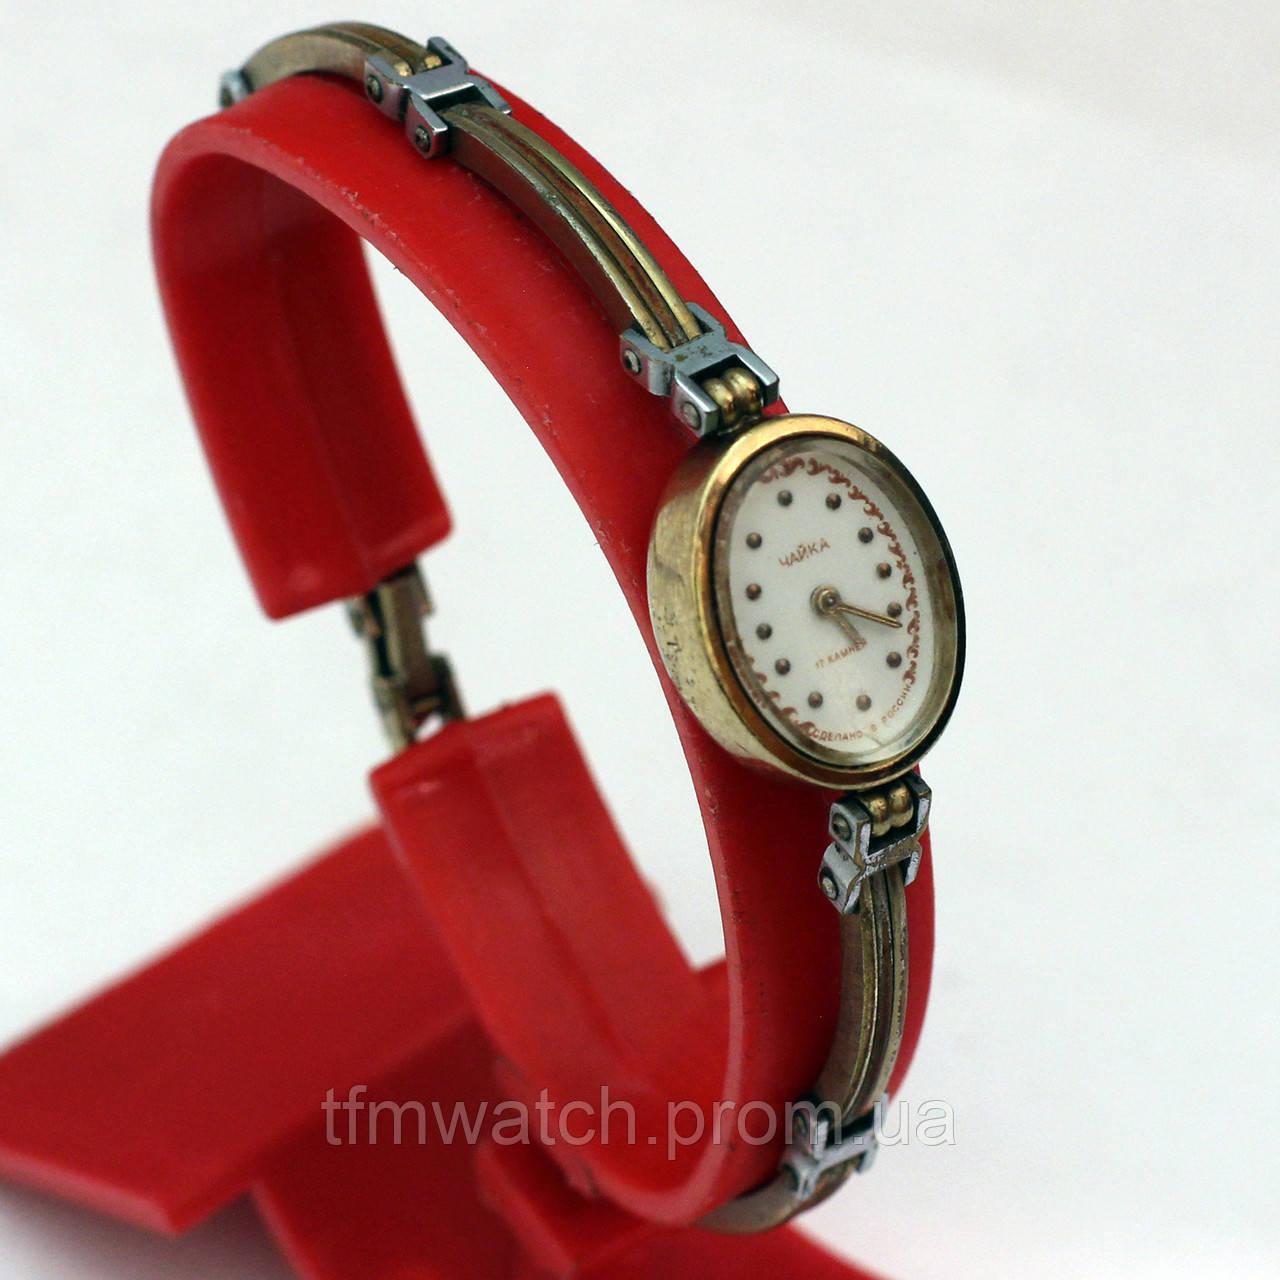 Чайка российские женские часы